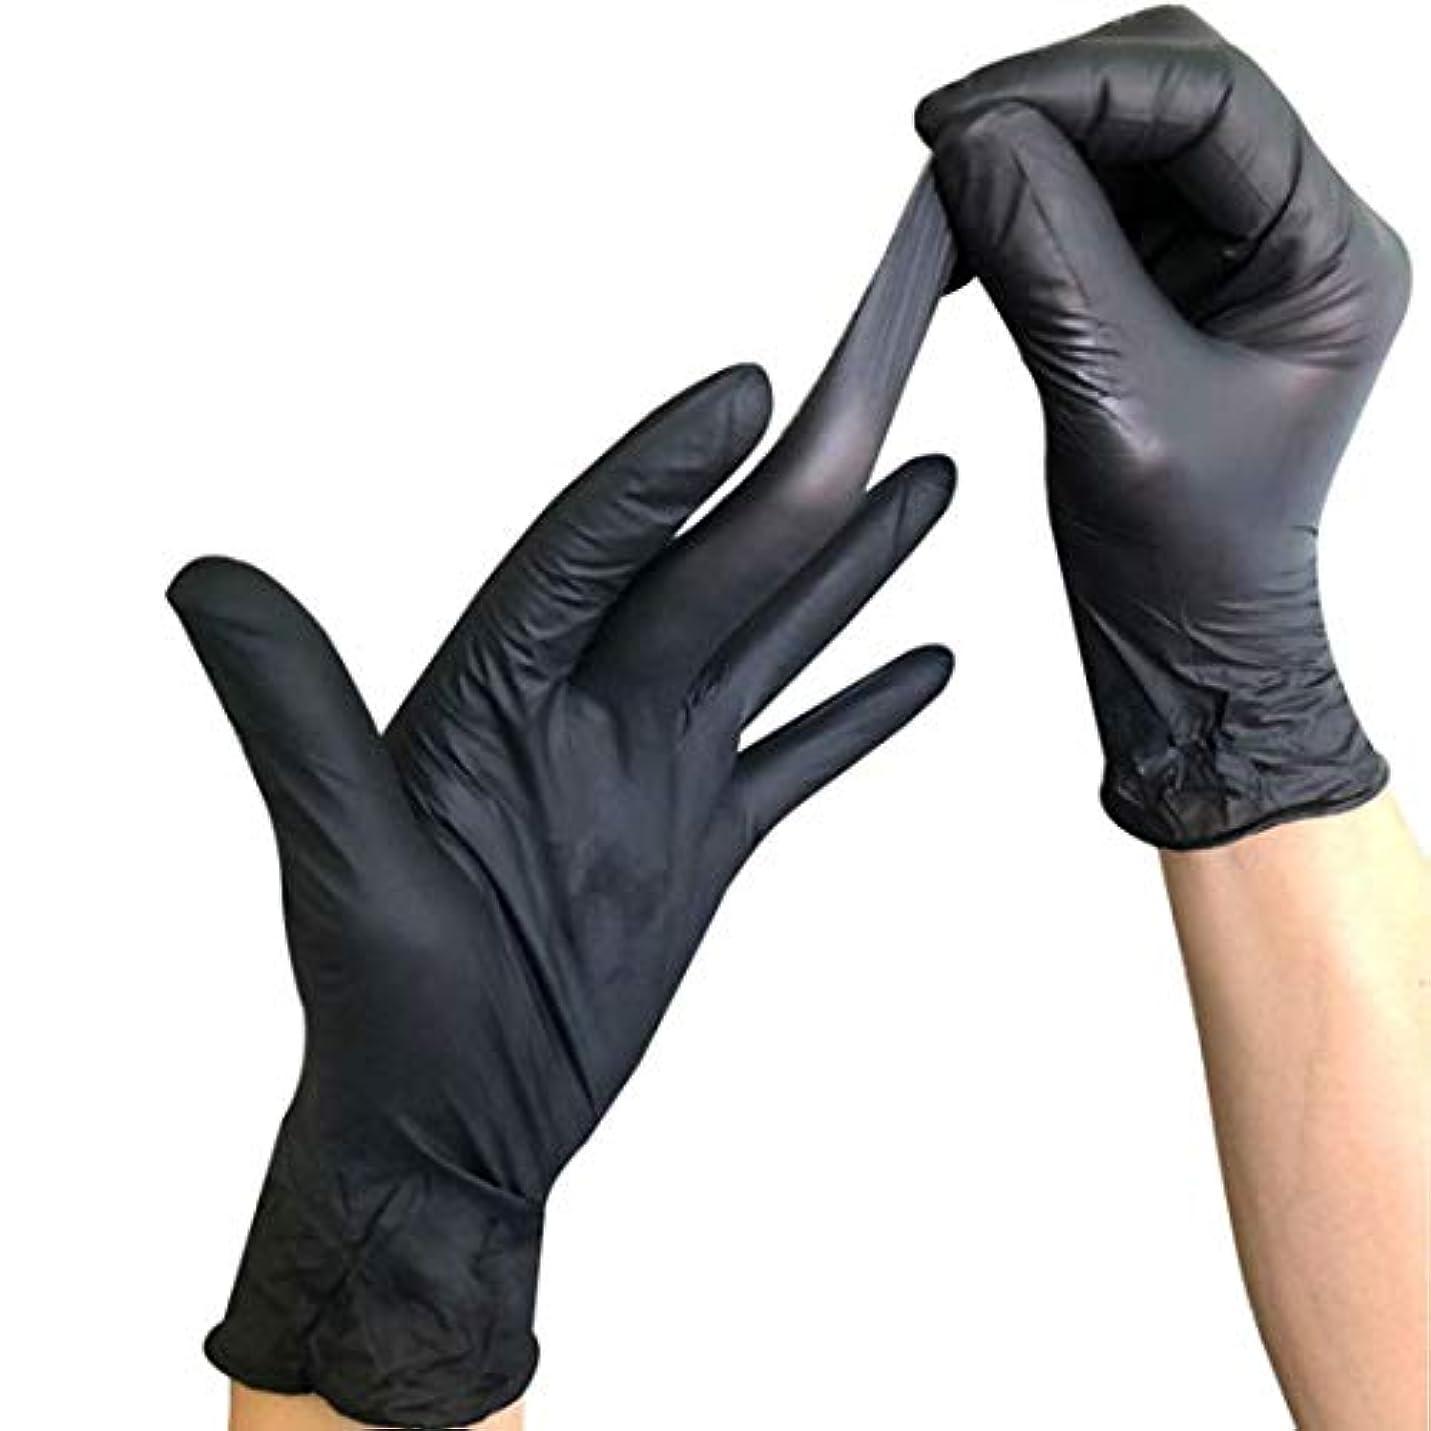 寸前ヒント約使い捨て手袋 ニトリル手袋 厚手防水 耐油 耐久性が強い上に軽く高品質黒 100枚